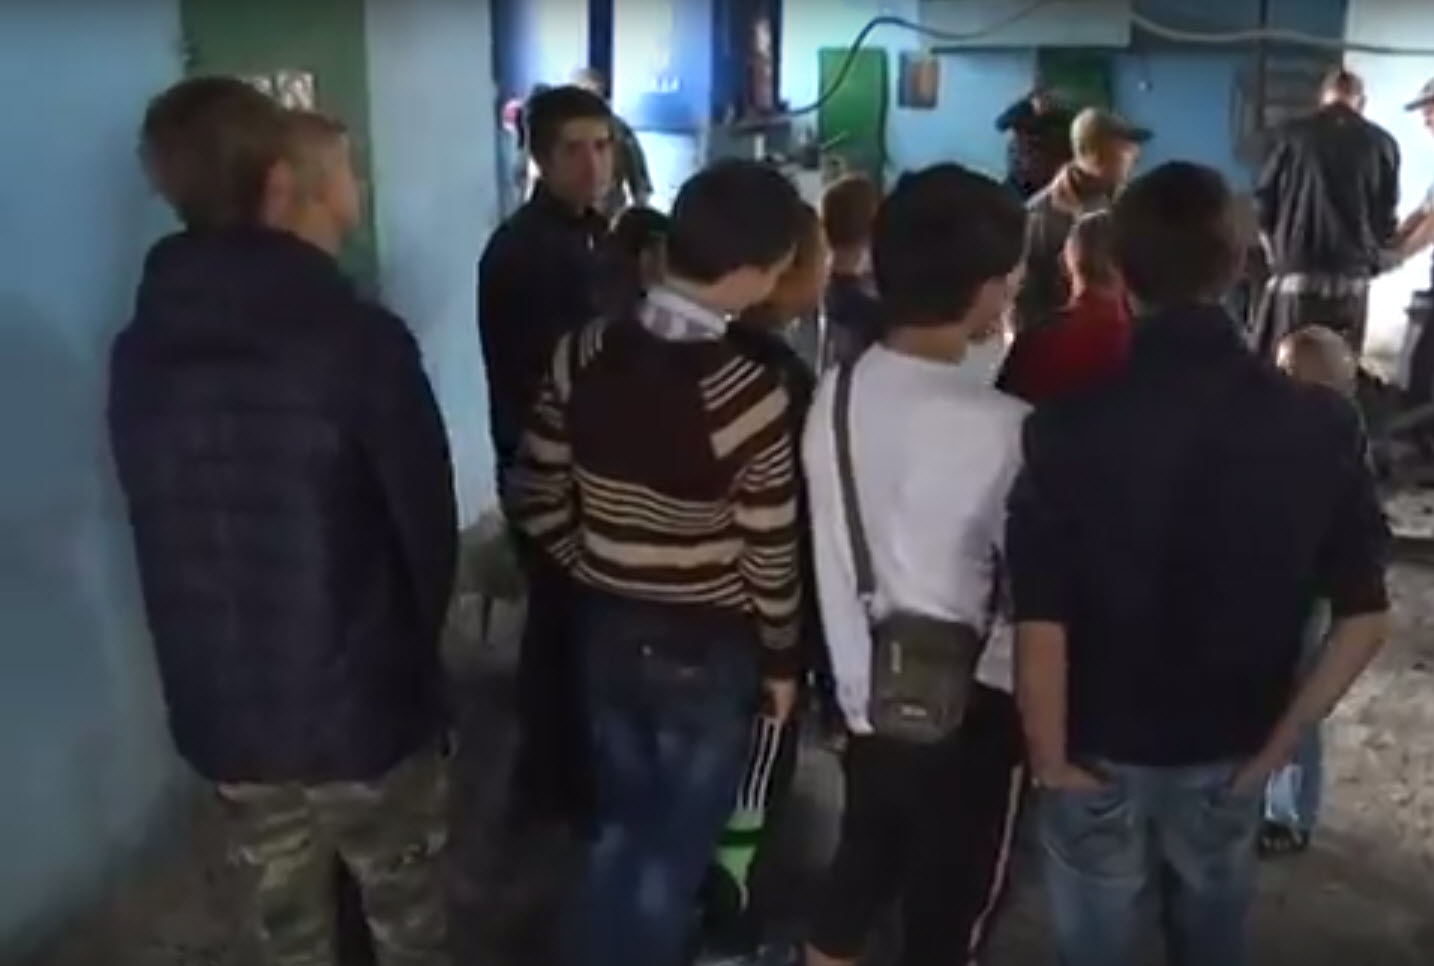 Школьники осматривают колонию, на заднем плане работают заключенные. Скриншот новостей телеканала «Луганск 24» от 9 июня 2016 года (источник)